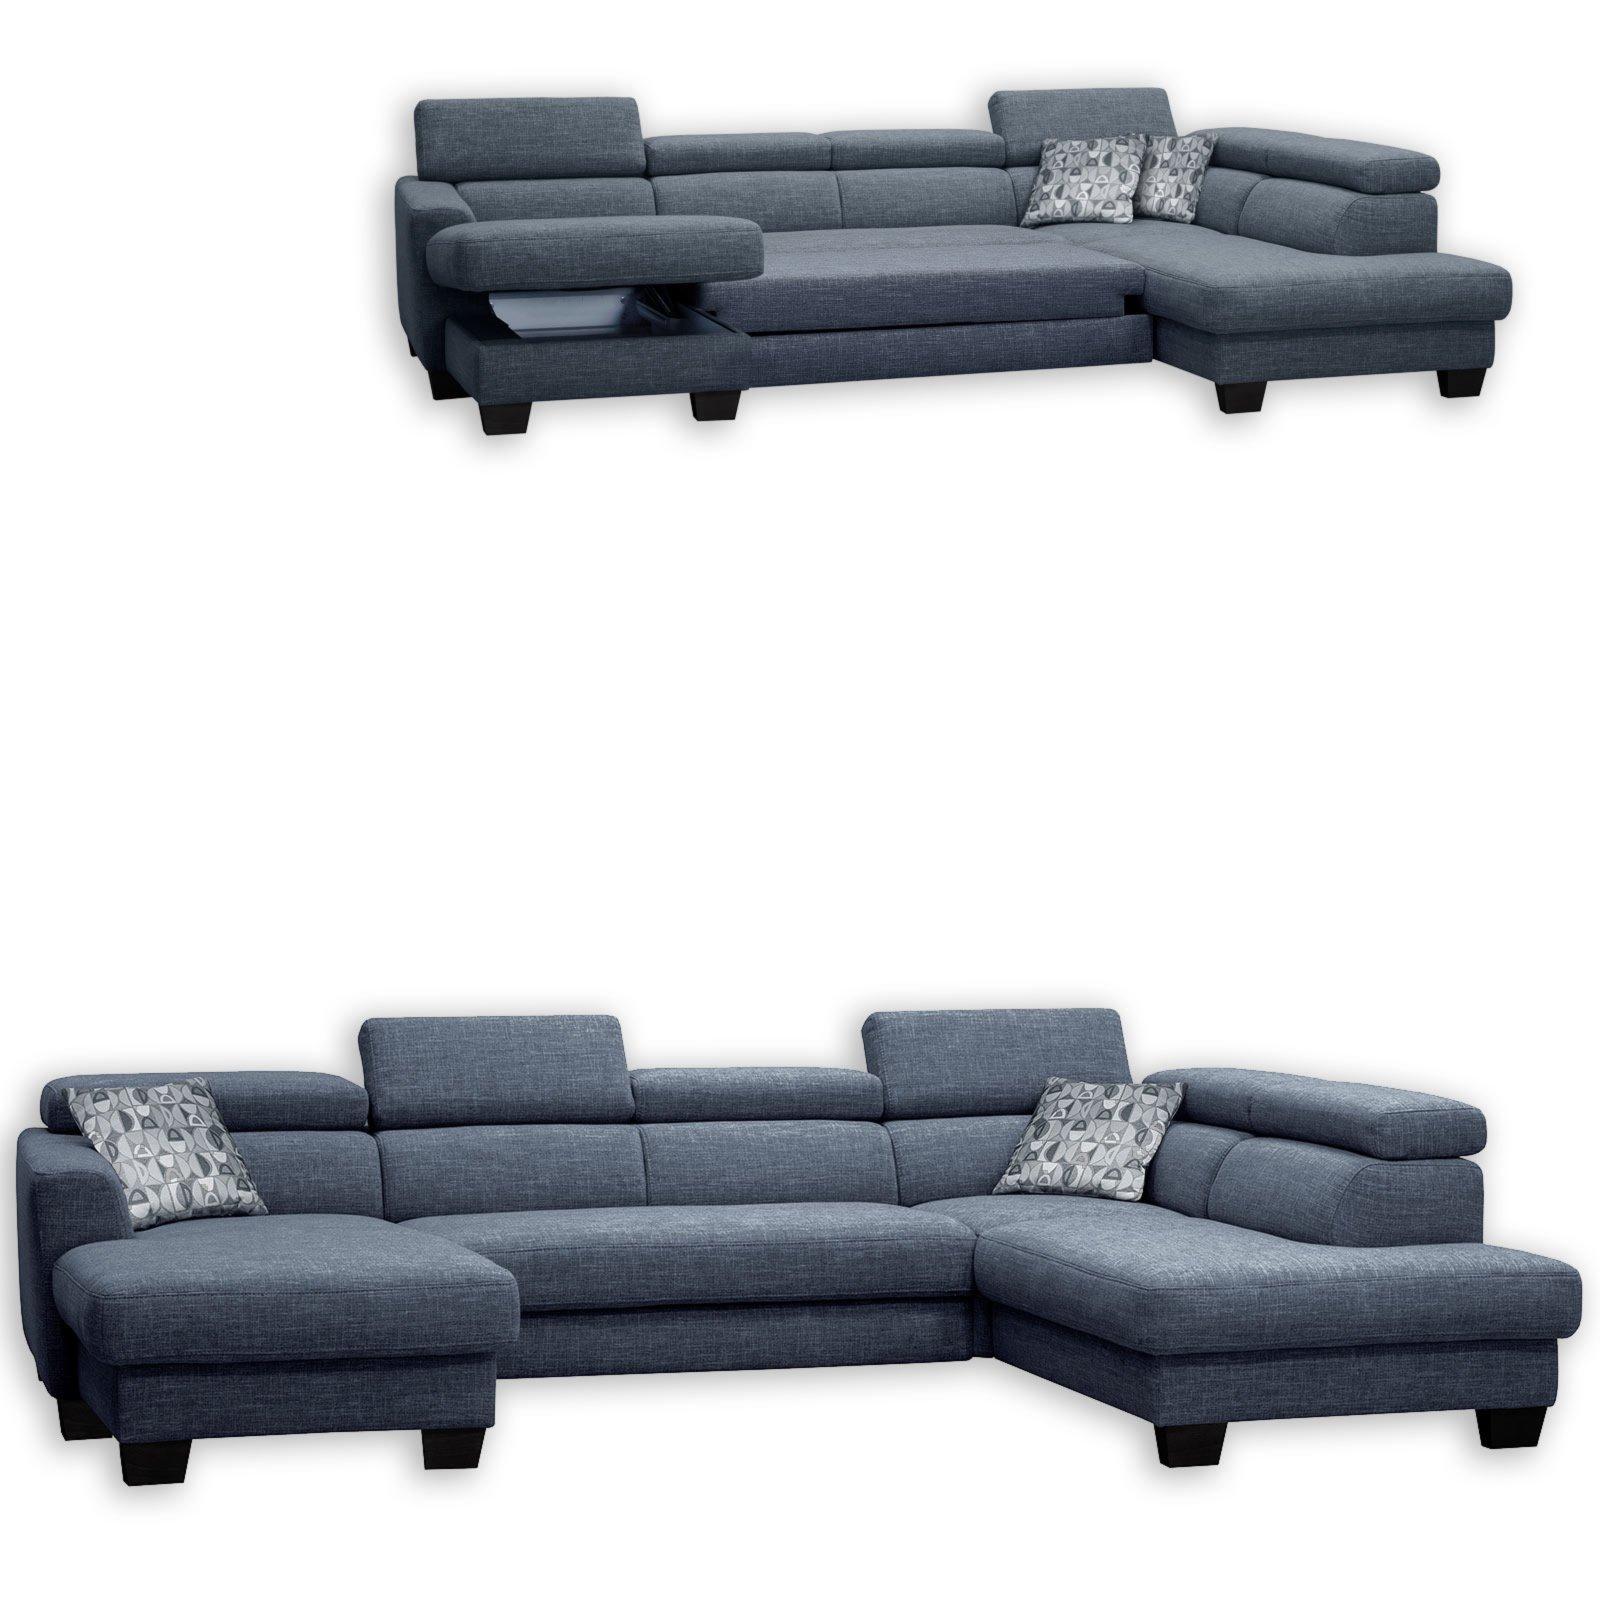 wohnlandschaft blau grau mit liegefunktion wohnlandschaften u form sofas couches. Black Bedroom Furniture Sets. Home Design Ideas